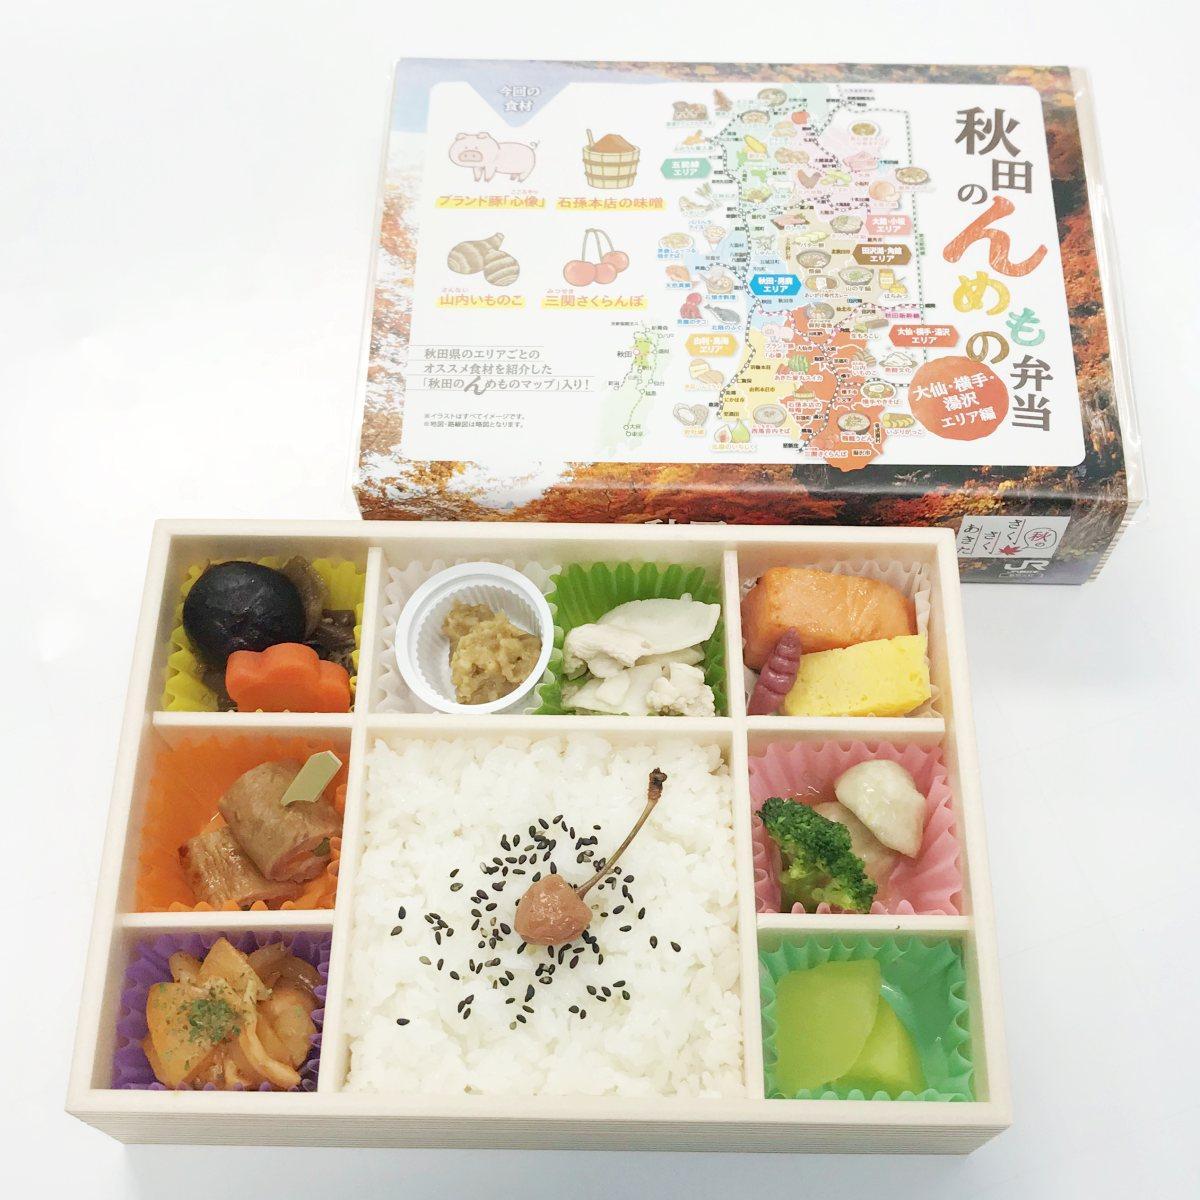 JR東日本が主催する駅弁コンテストでエリア賞に選ばれた「秋田のんめもの弁当」